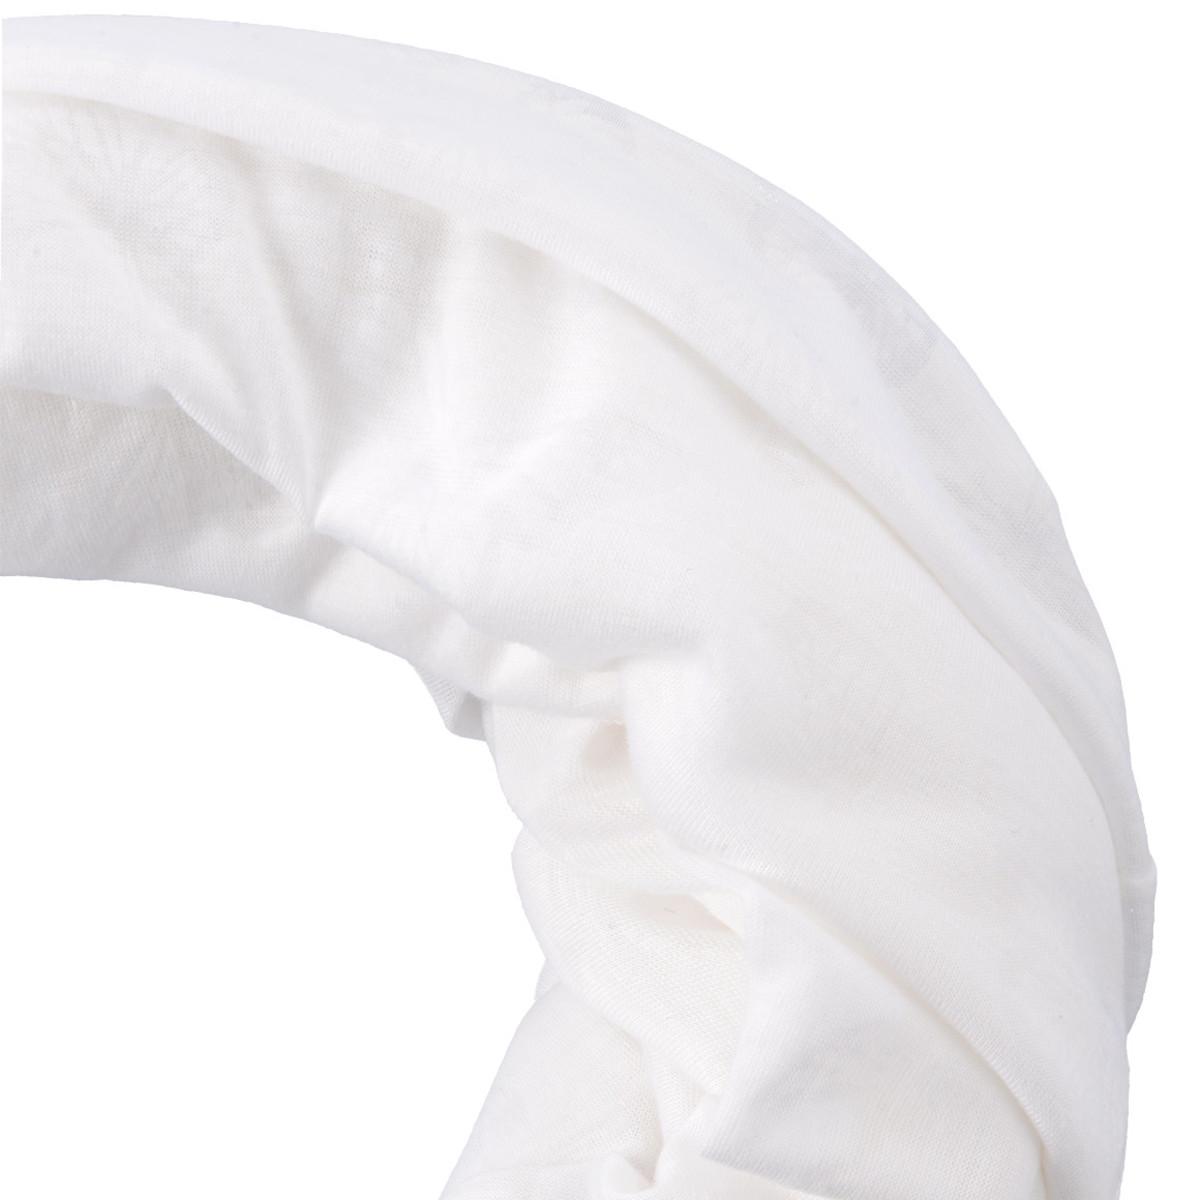 Bild 3 von Damen Tuch mit Ausbrenner-Muster